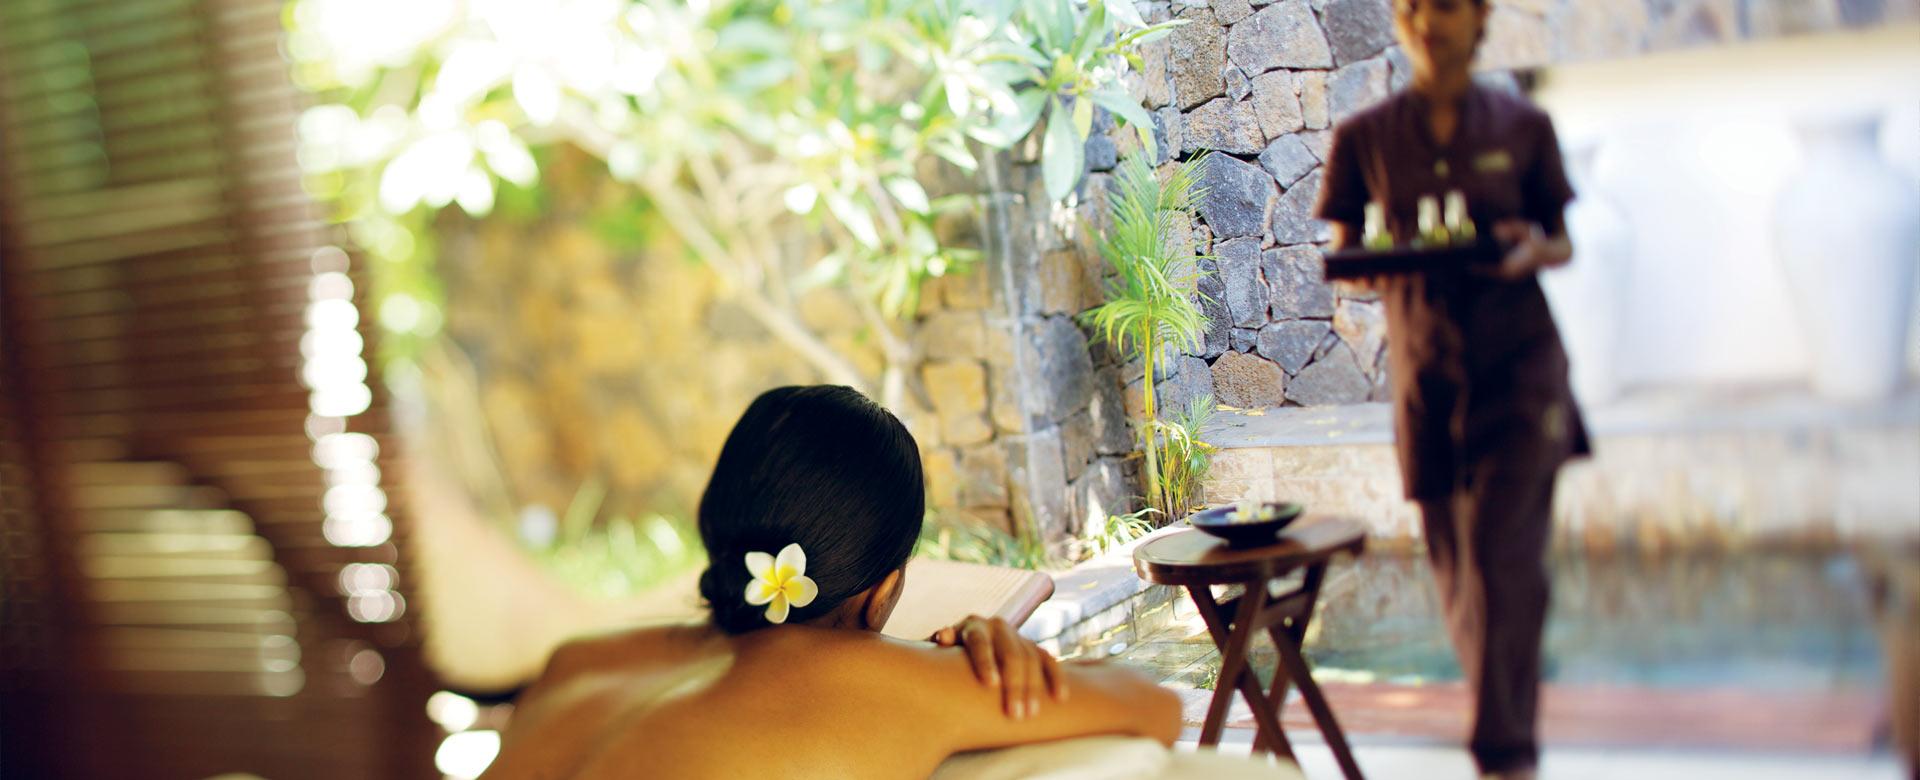 Villa rentals in Mauritius